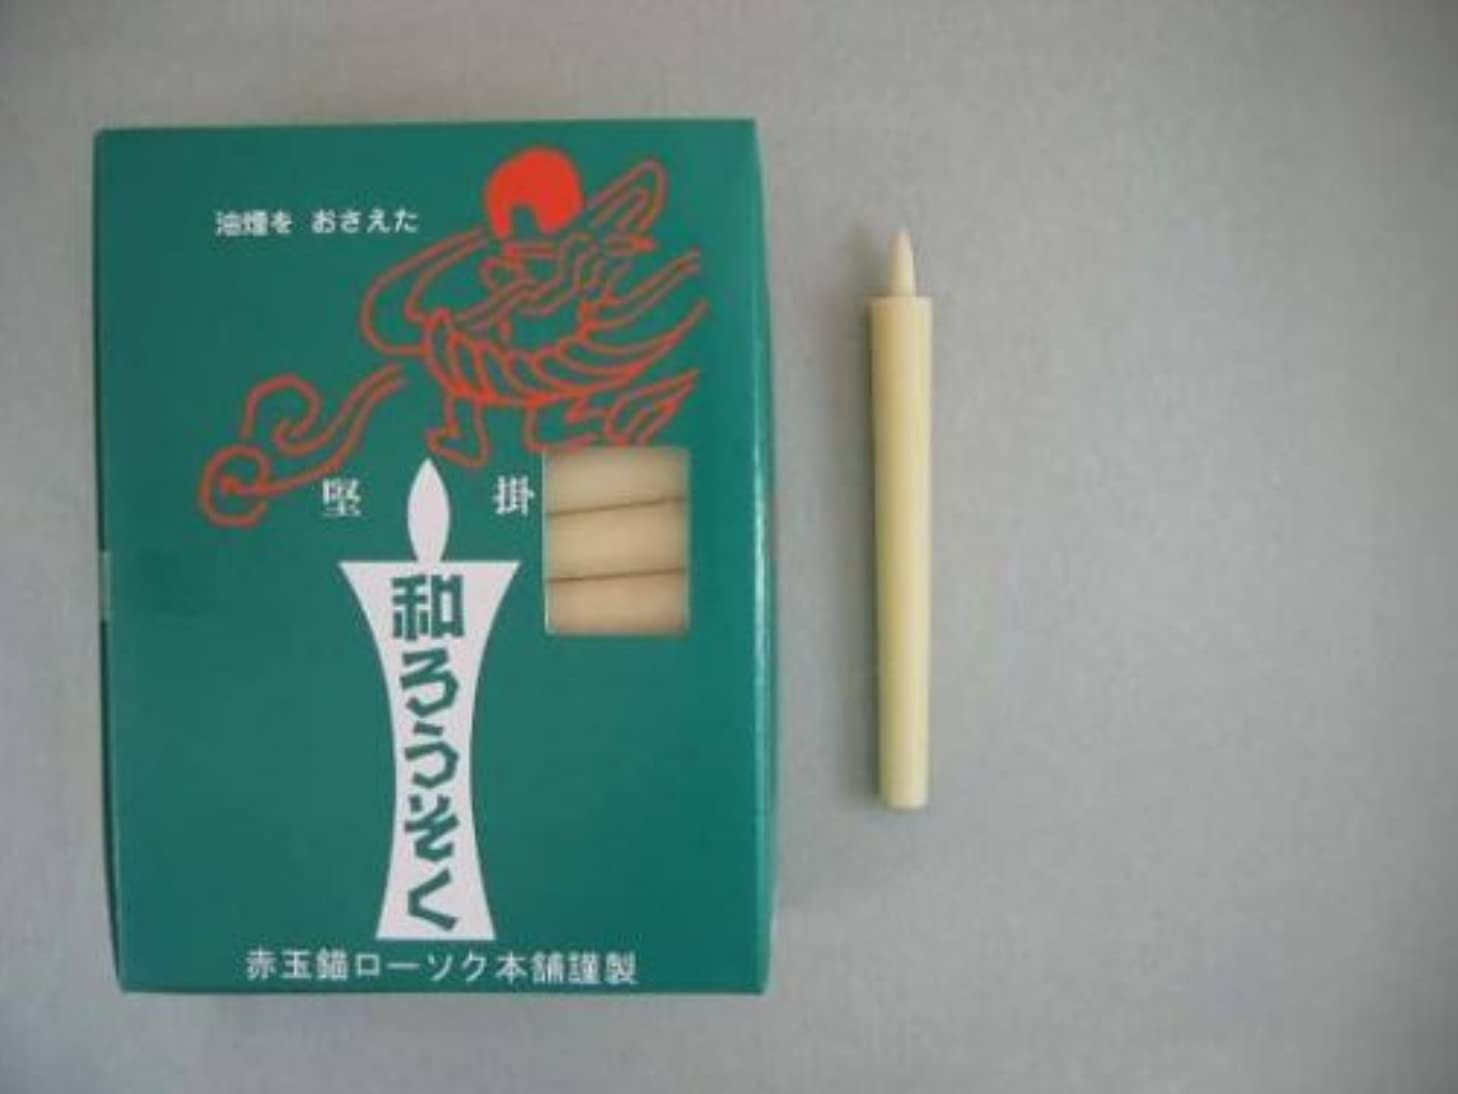 不承認とまり木円形の和ろうそく 型和蝋燭 ローソク 棒 2号 白 50本入り 約11センチ